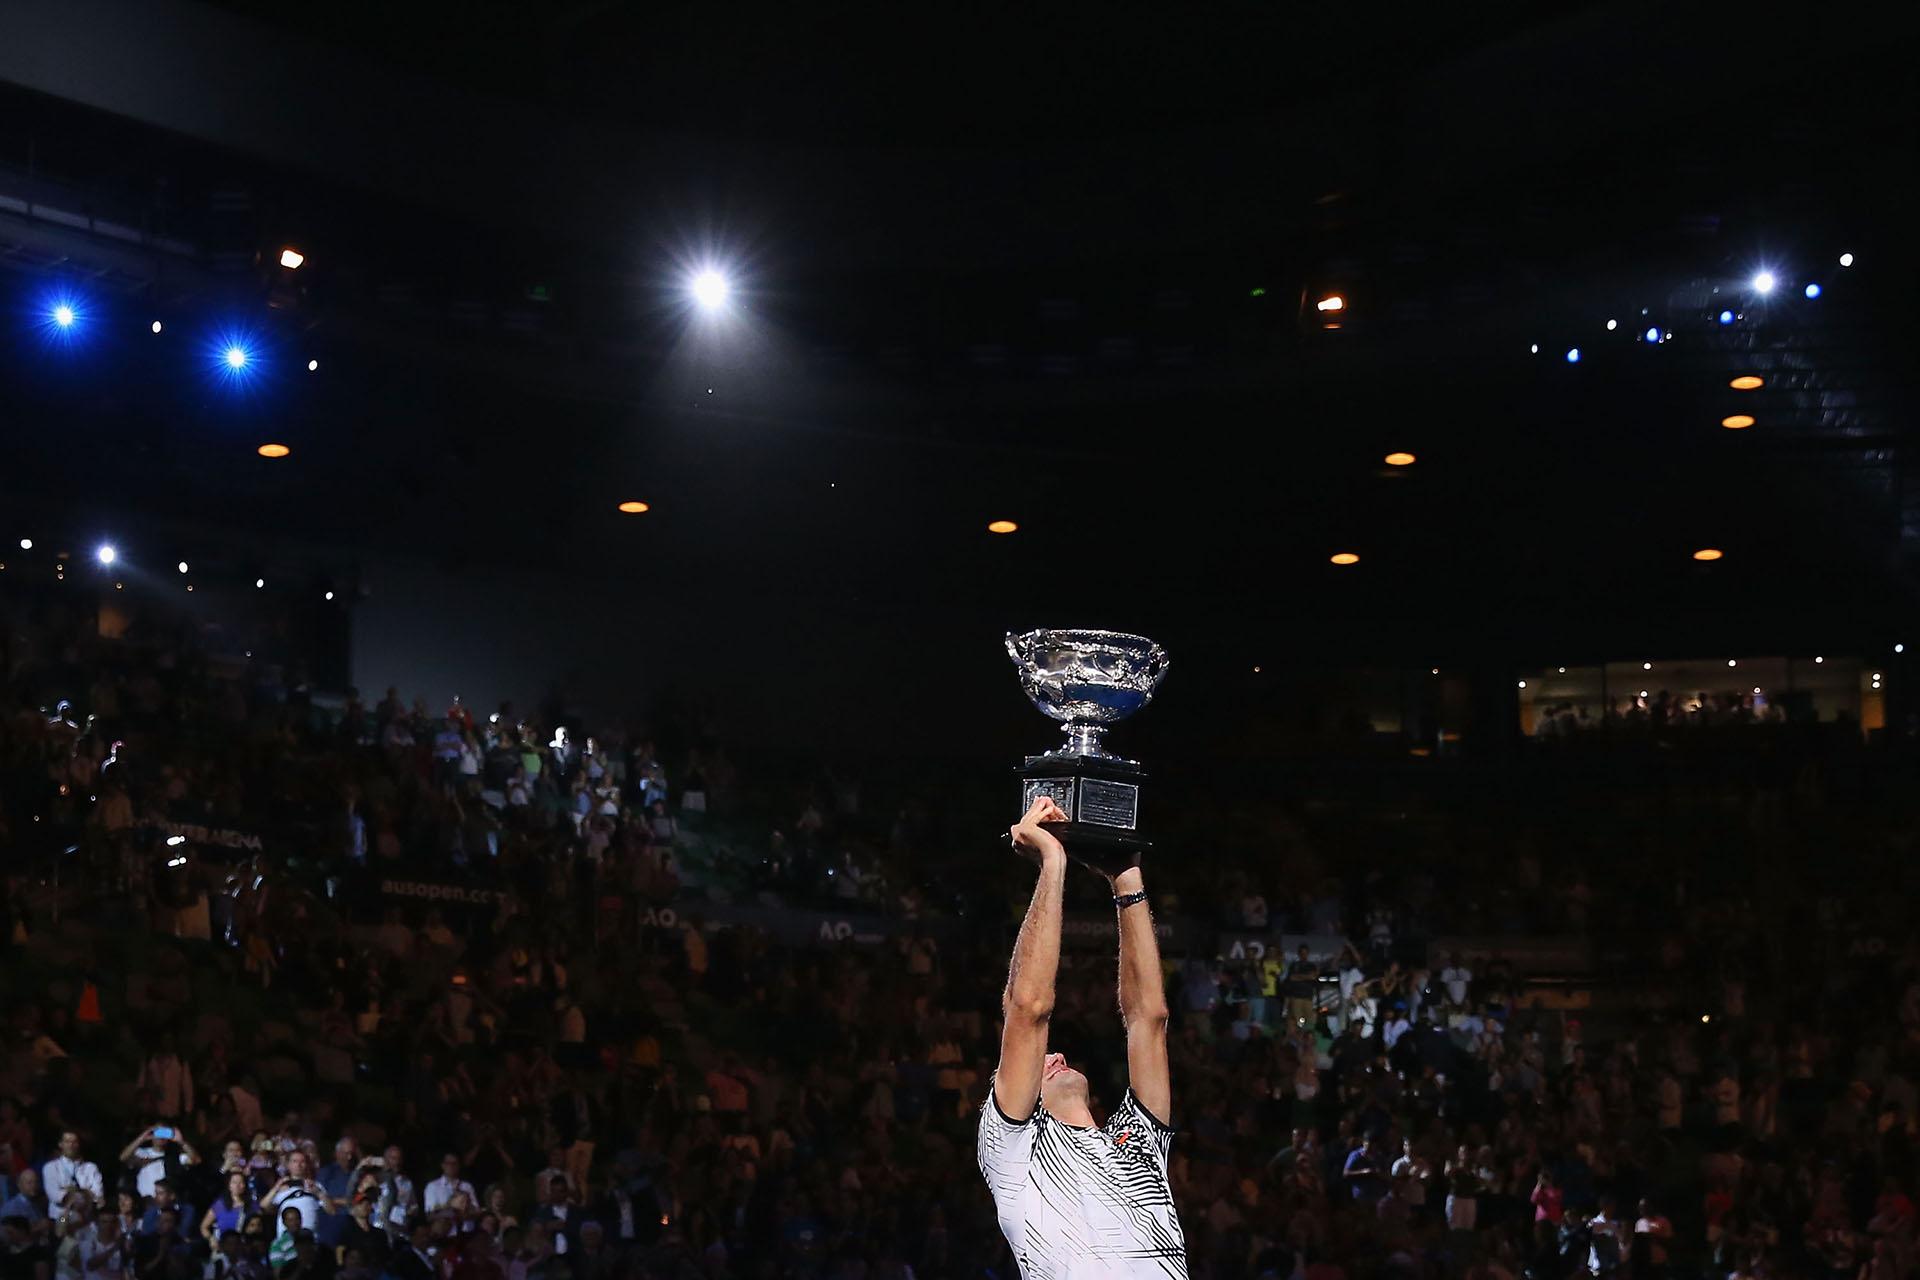 Roger Federer continúa siendo el jugador que más titulos de Grand Slam ganó. Con 18 supera por cuatro a su inmediato perseguidor, Rafael Nadal